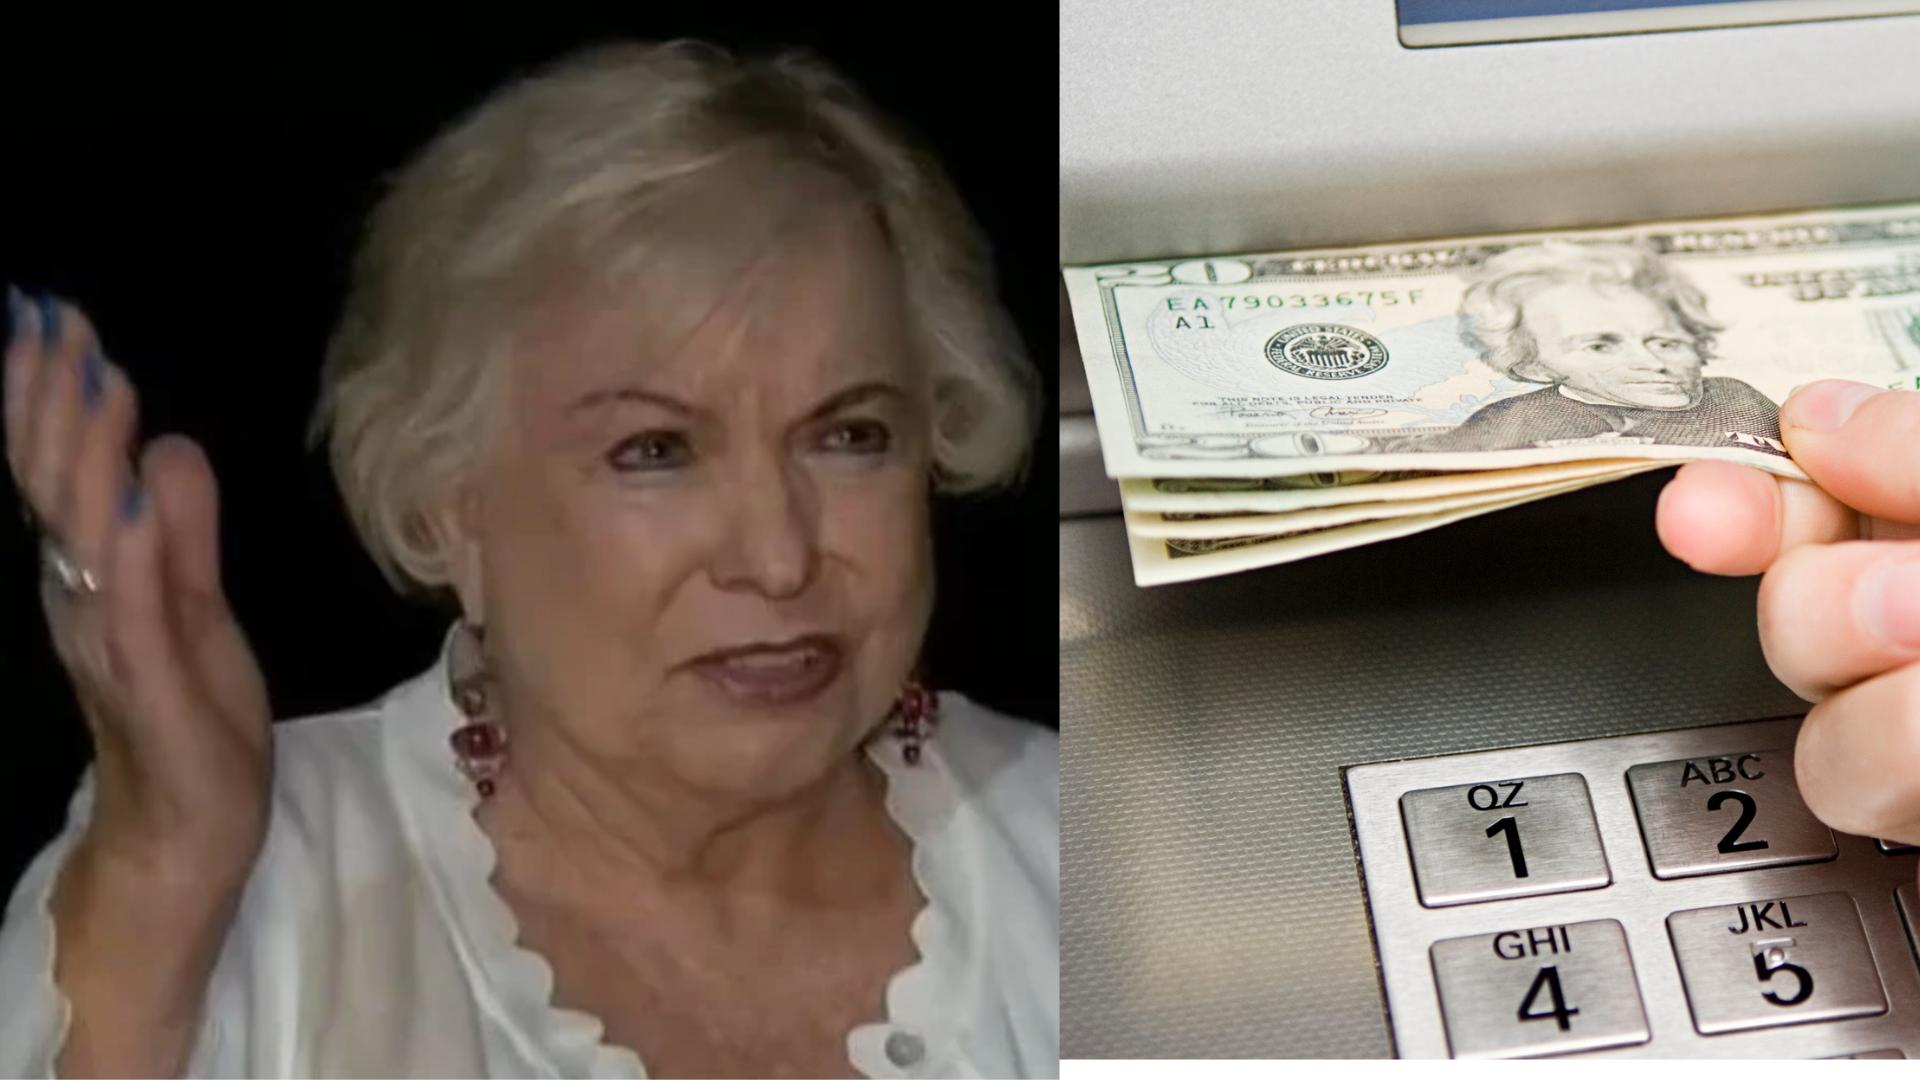 Mujer va al cajero y se da cuenta que le depositaron millones de pesos